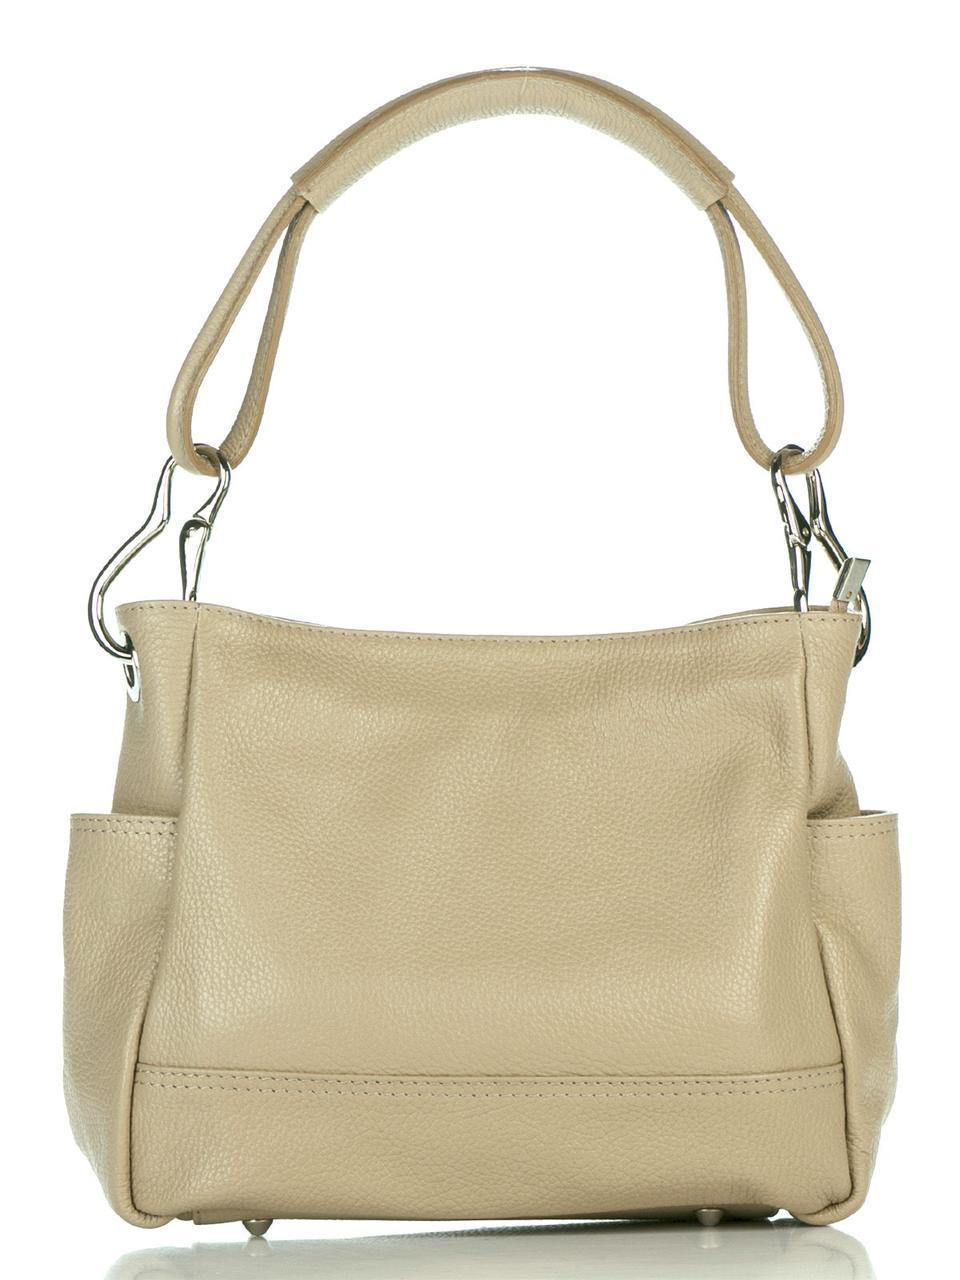 Женская кожаная сумка SHEILA Diva's Bag цвет светло-коричневый